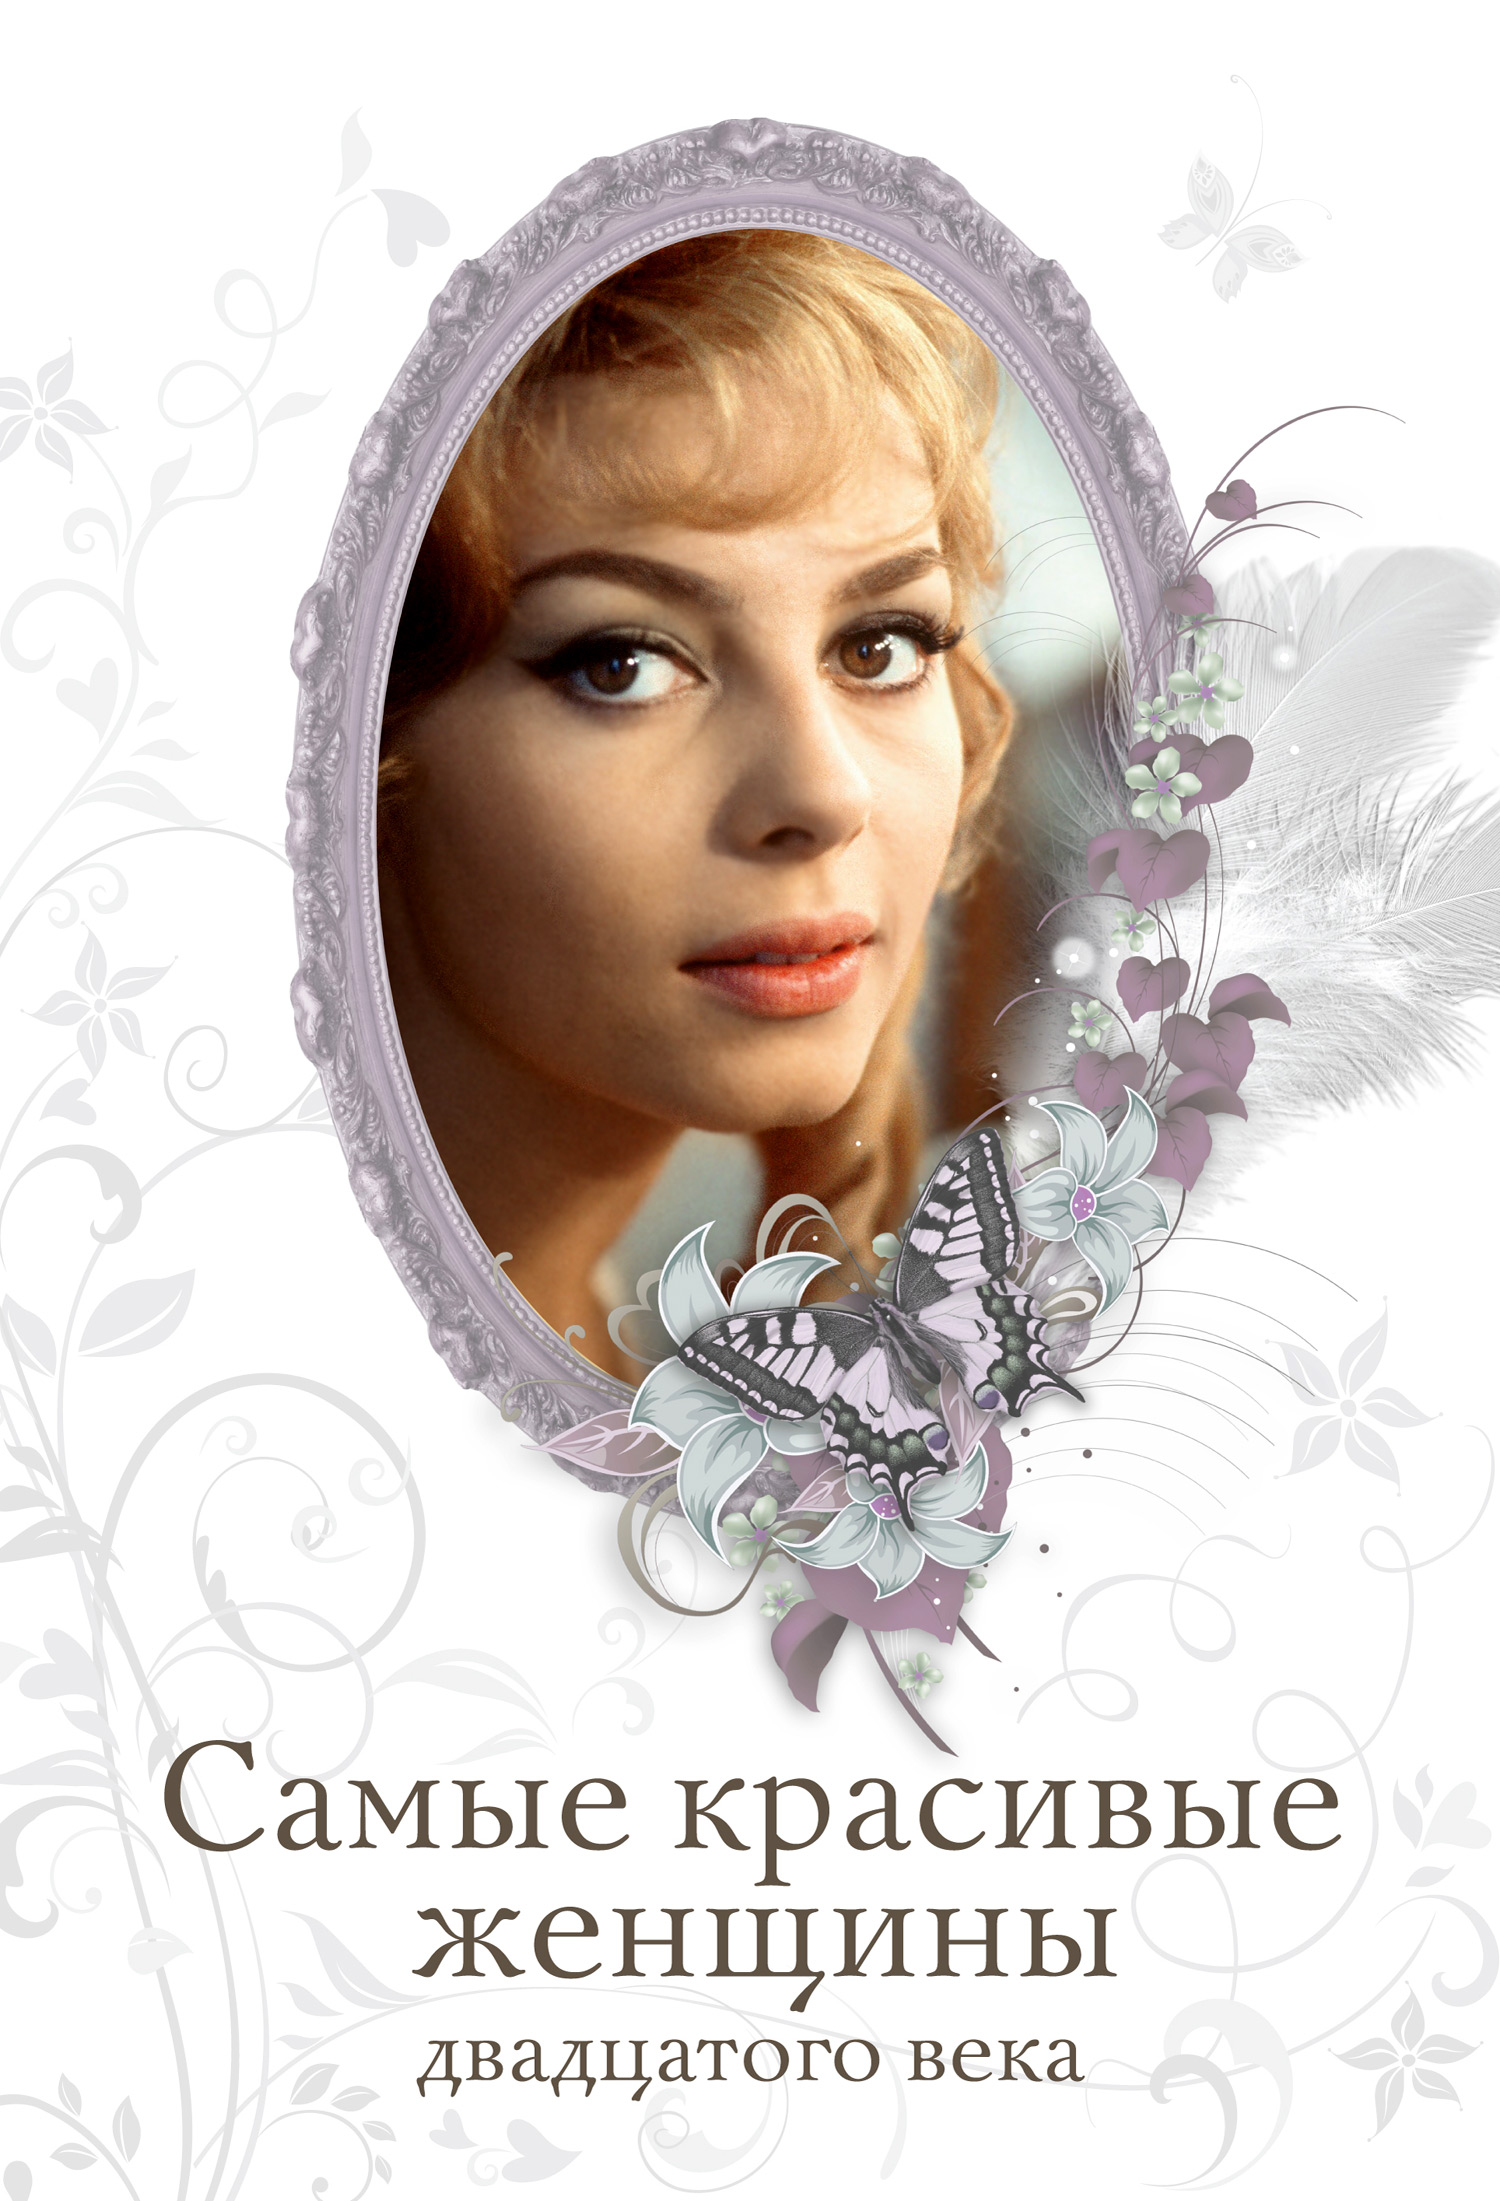 Татьяна Киреенкова Самые красивые женщины двадцатого века